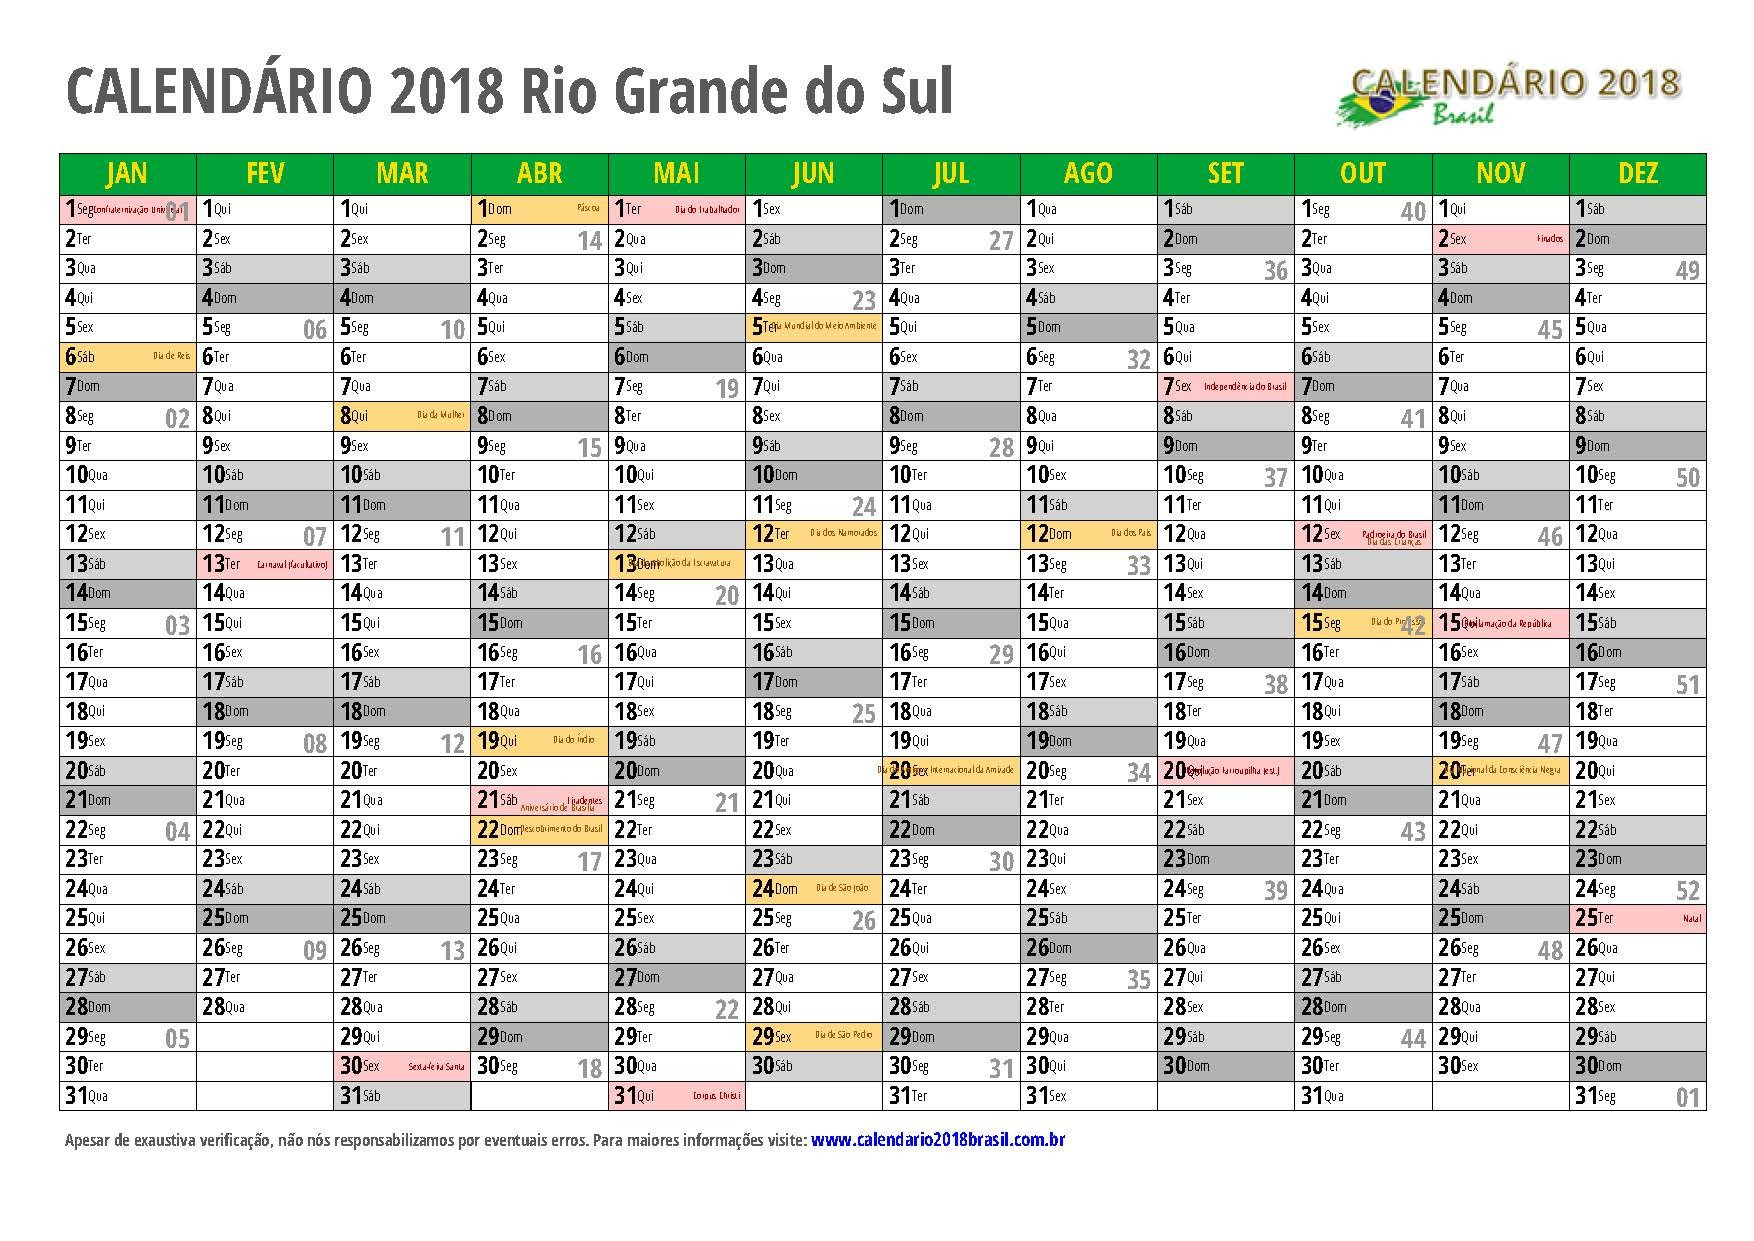 calendario 2018 Rio Grande do Sul